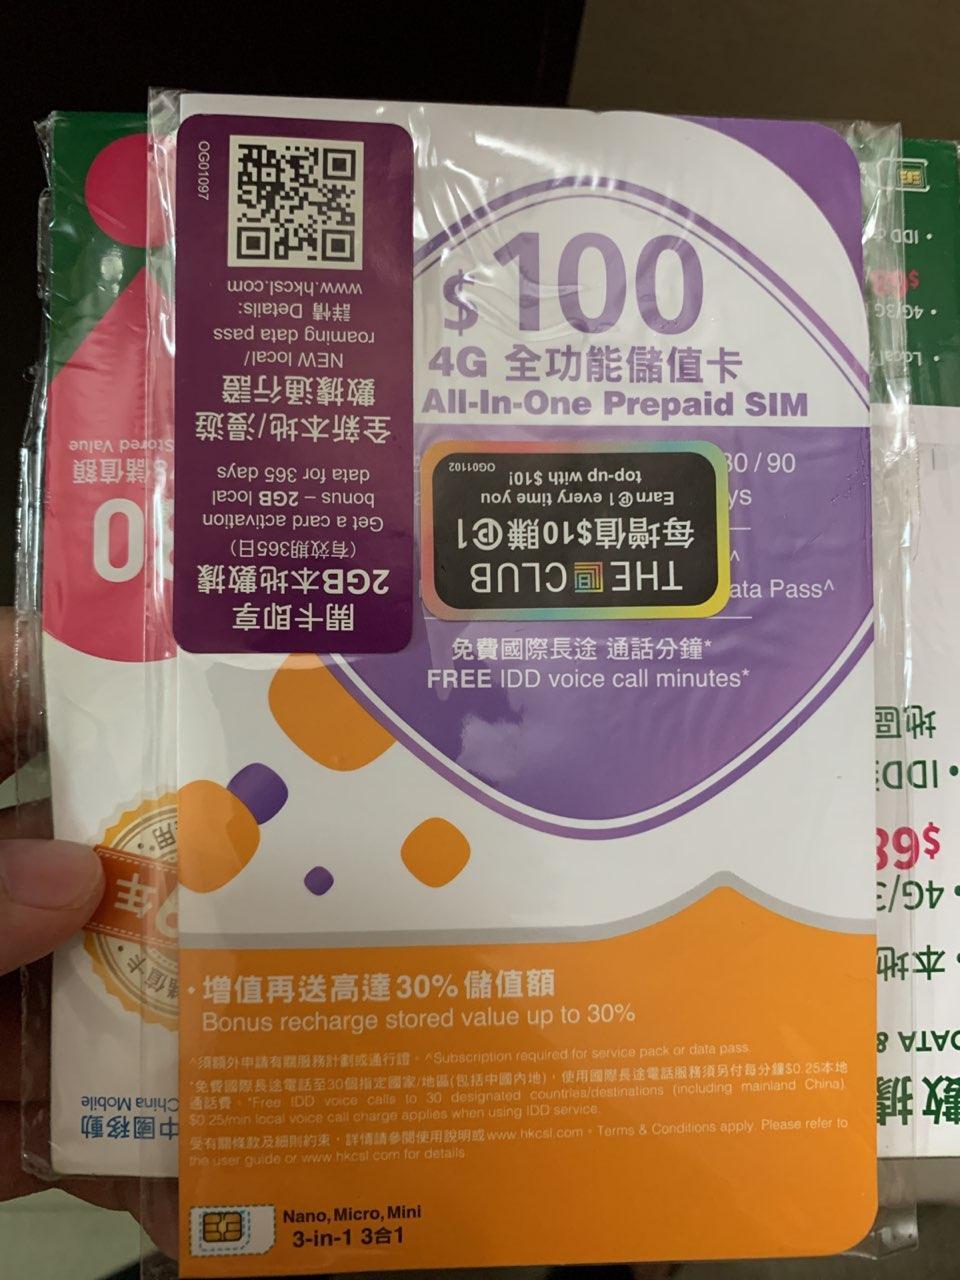 呢張CSL儲值卡飛唔飛線上大陸 - 電訊網絡 - 電腦領域 HKEPC Hardware - 全港 No.1 PC討論區